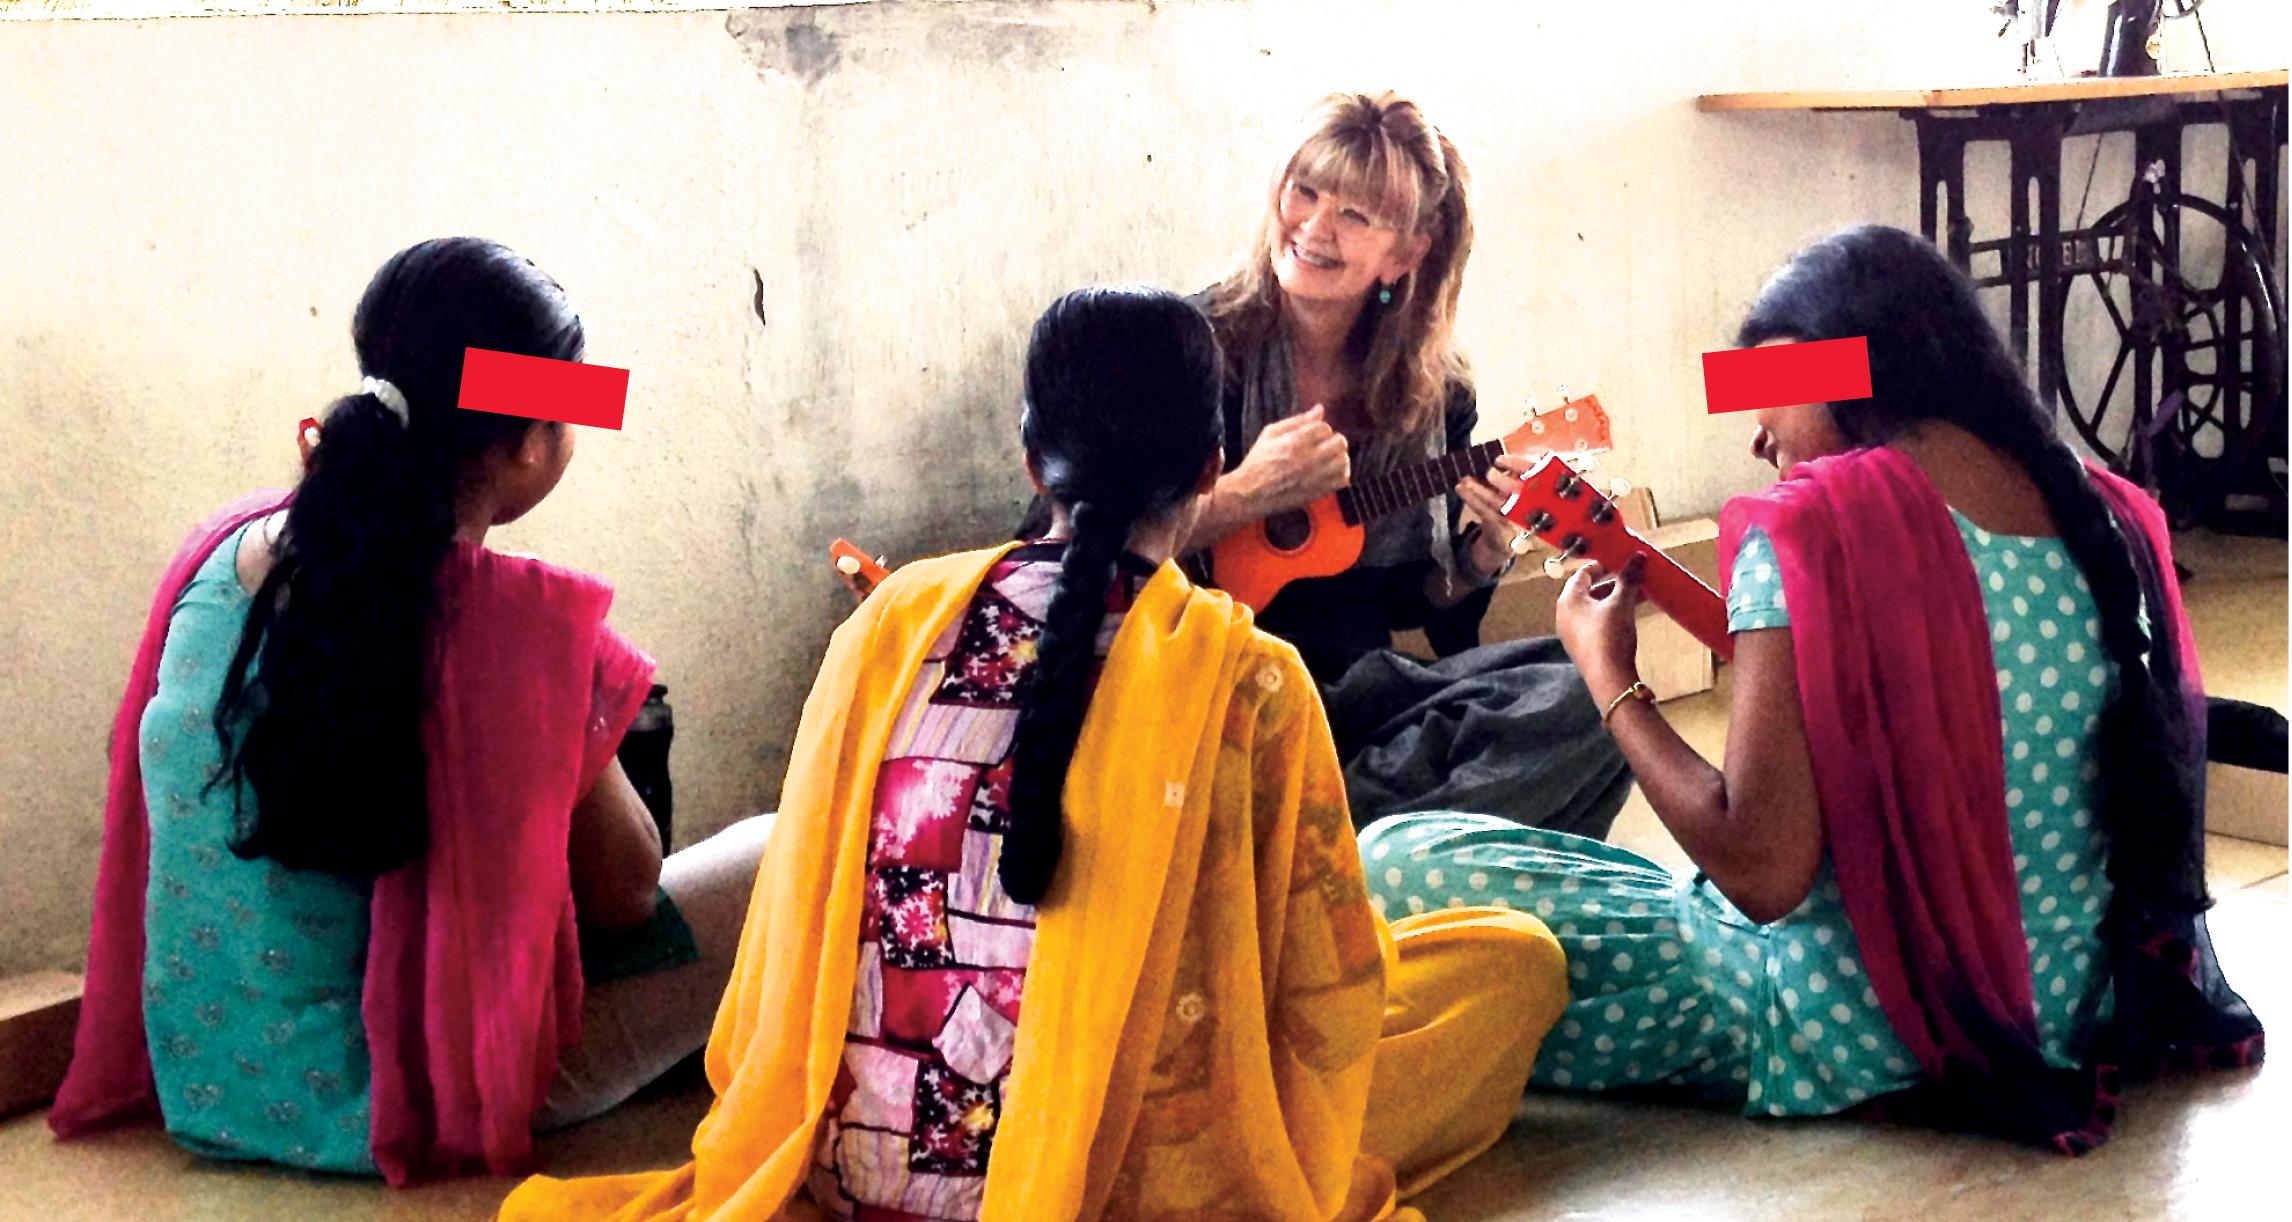 teaching-survivor-girl-ukulele-band-india-uke-heartwarming-ukulele-magazine